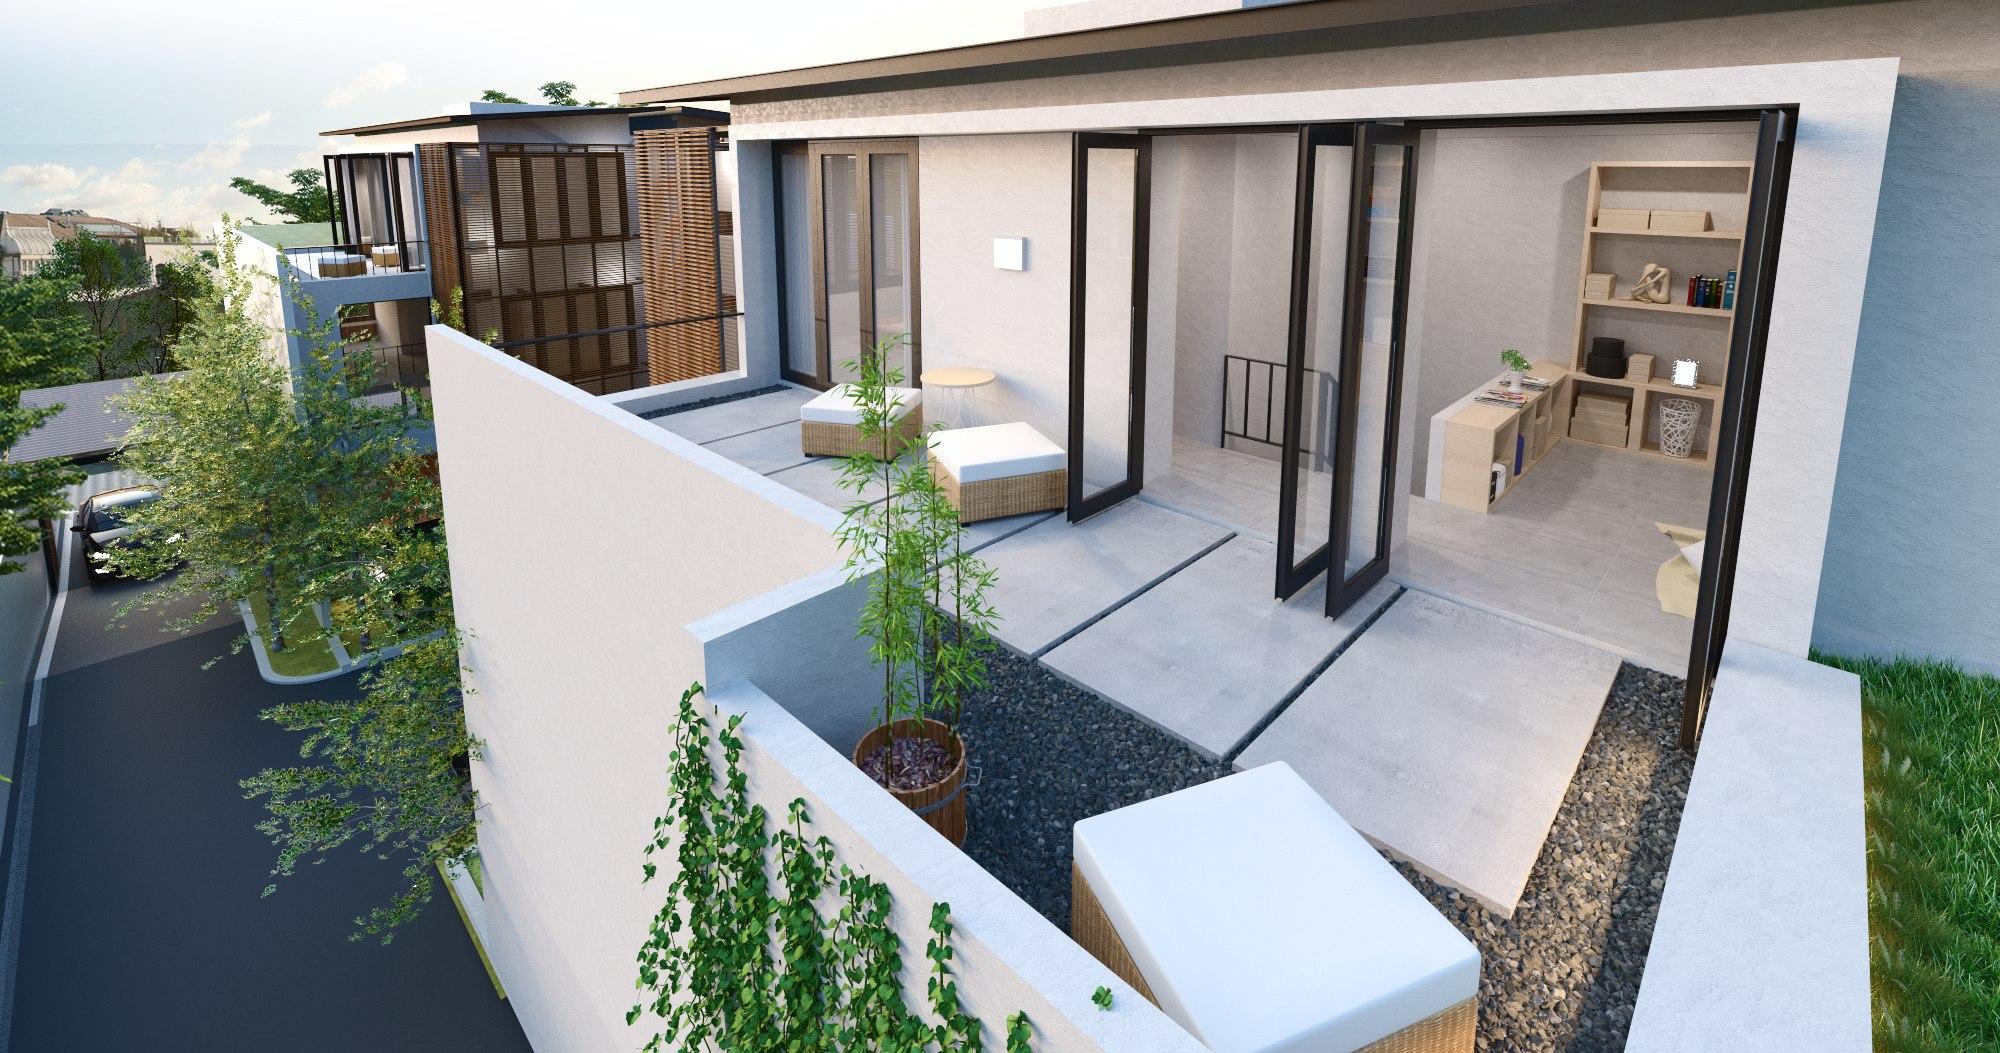 Exterior roof deck lantai 3 7000k.jpeg